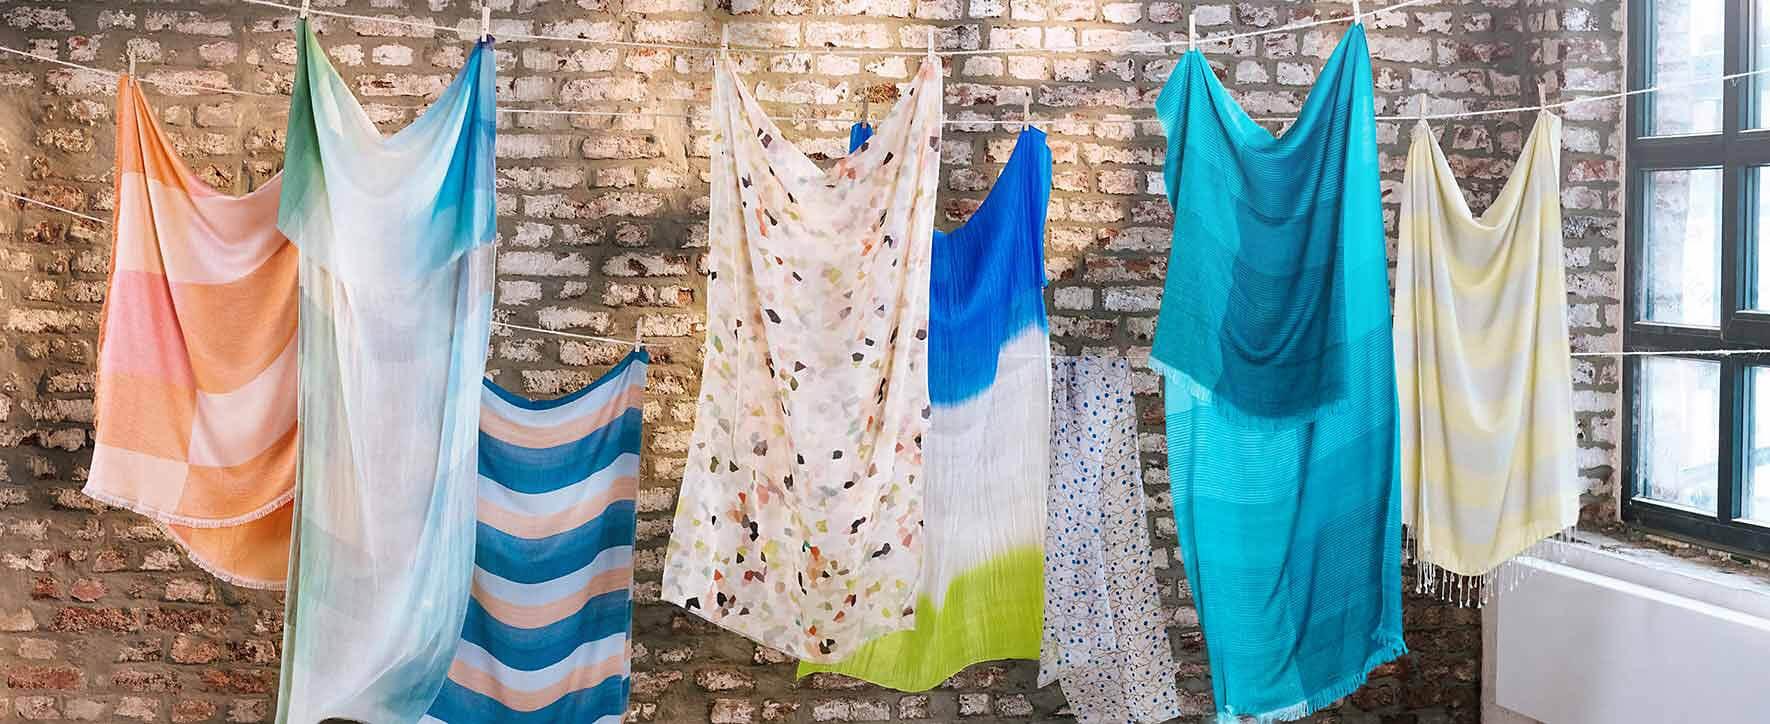 GEPA Schals auf einer Wäscheleine. Foto: GEPA - The Fair Trade Company / Nicole Hoppe